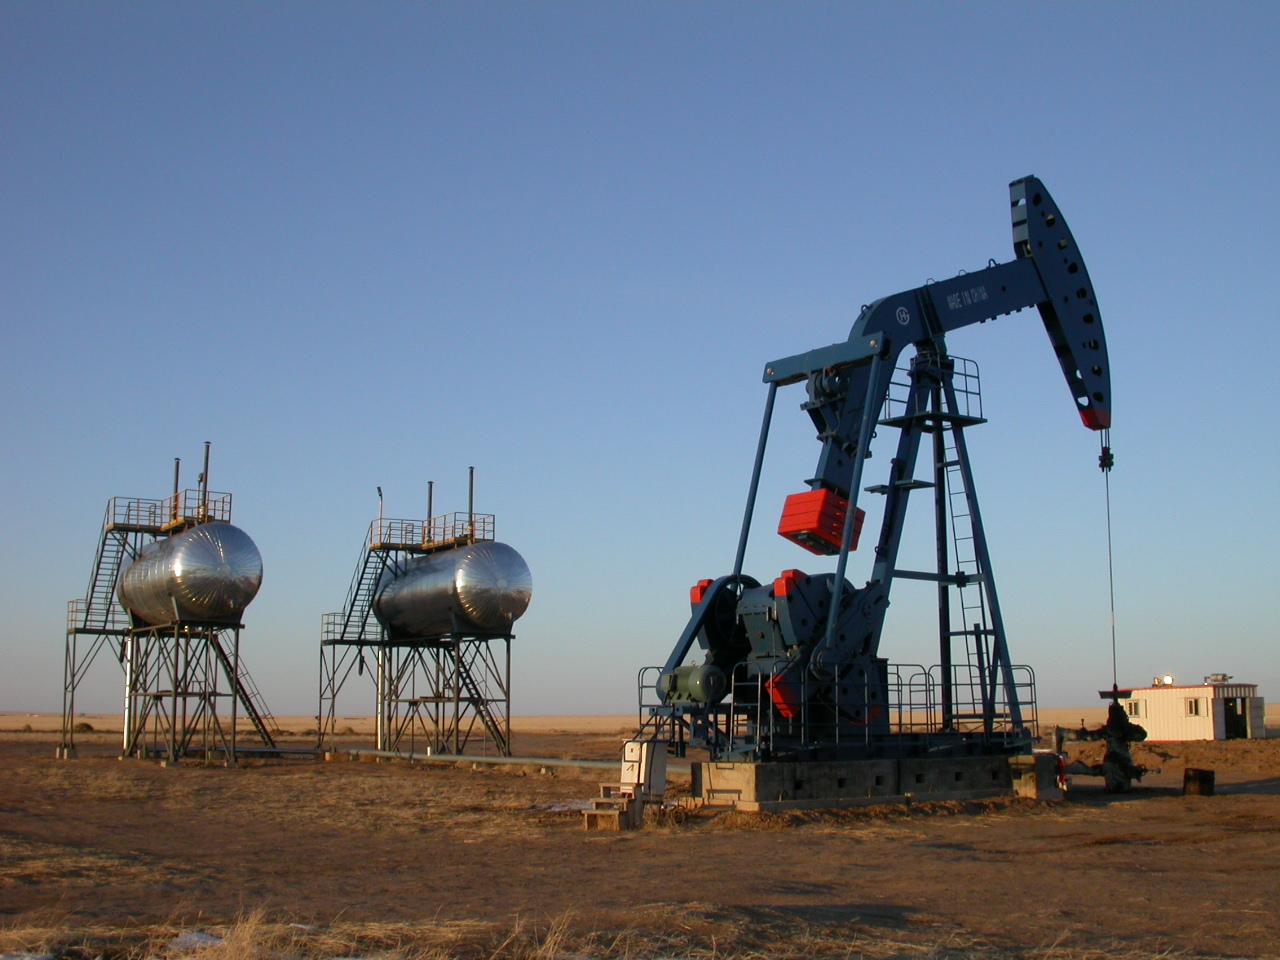 Газрын тосны ханш буурлаа